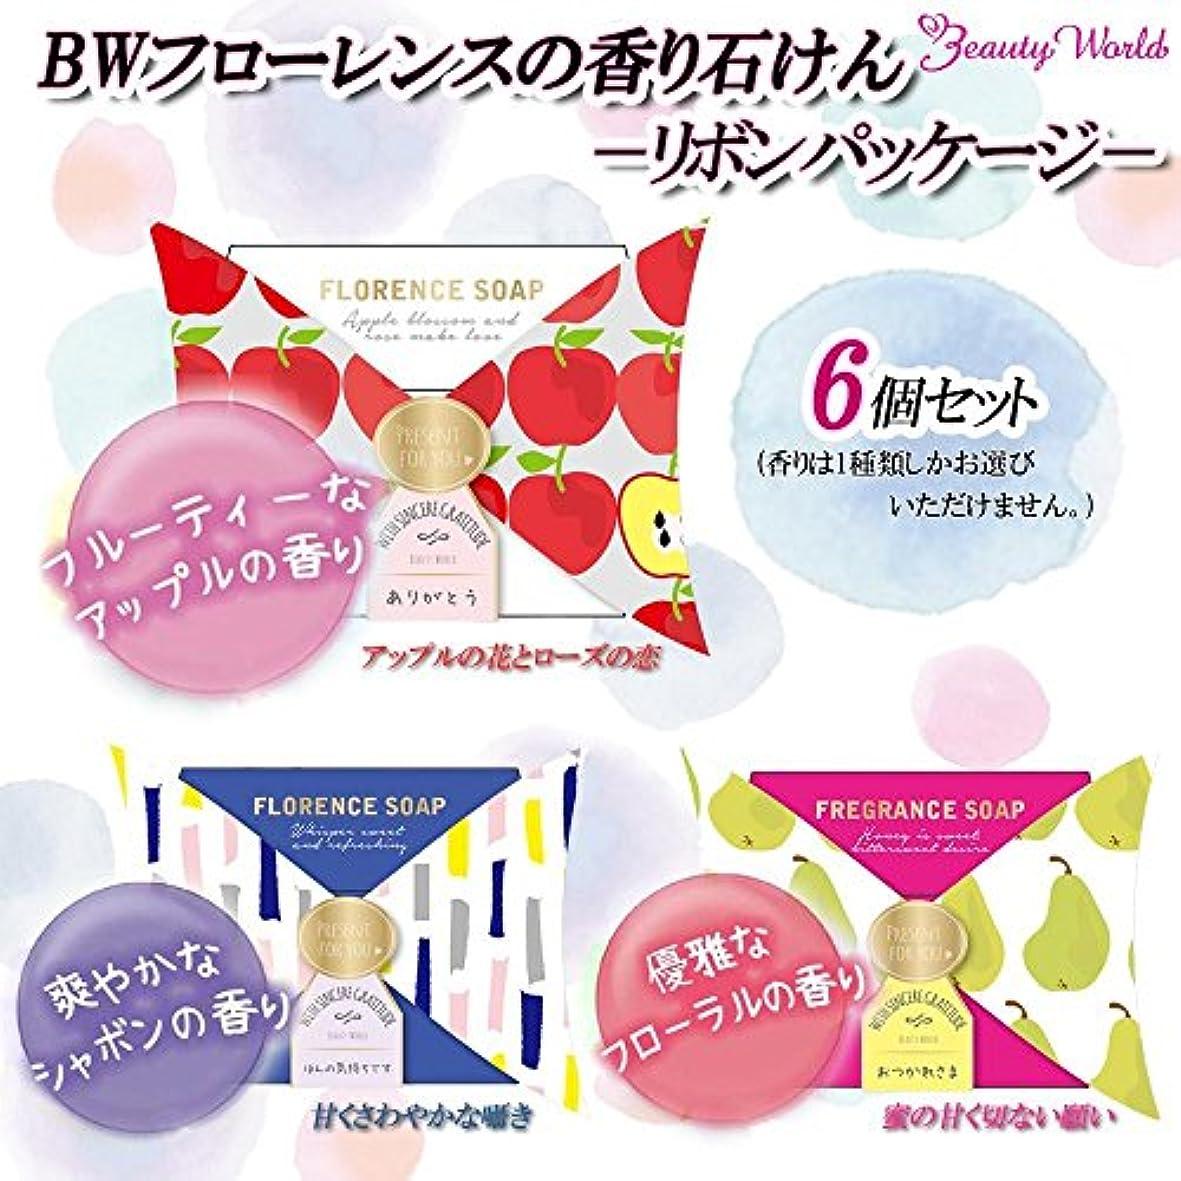 雑多なみなす人工的なビューティーワールド BWフローレンスの香り石けん リボンパッケージ 6個セット ■3種類の内「FSP384?アップルの花とローズの恋」を1点のみです